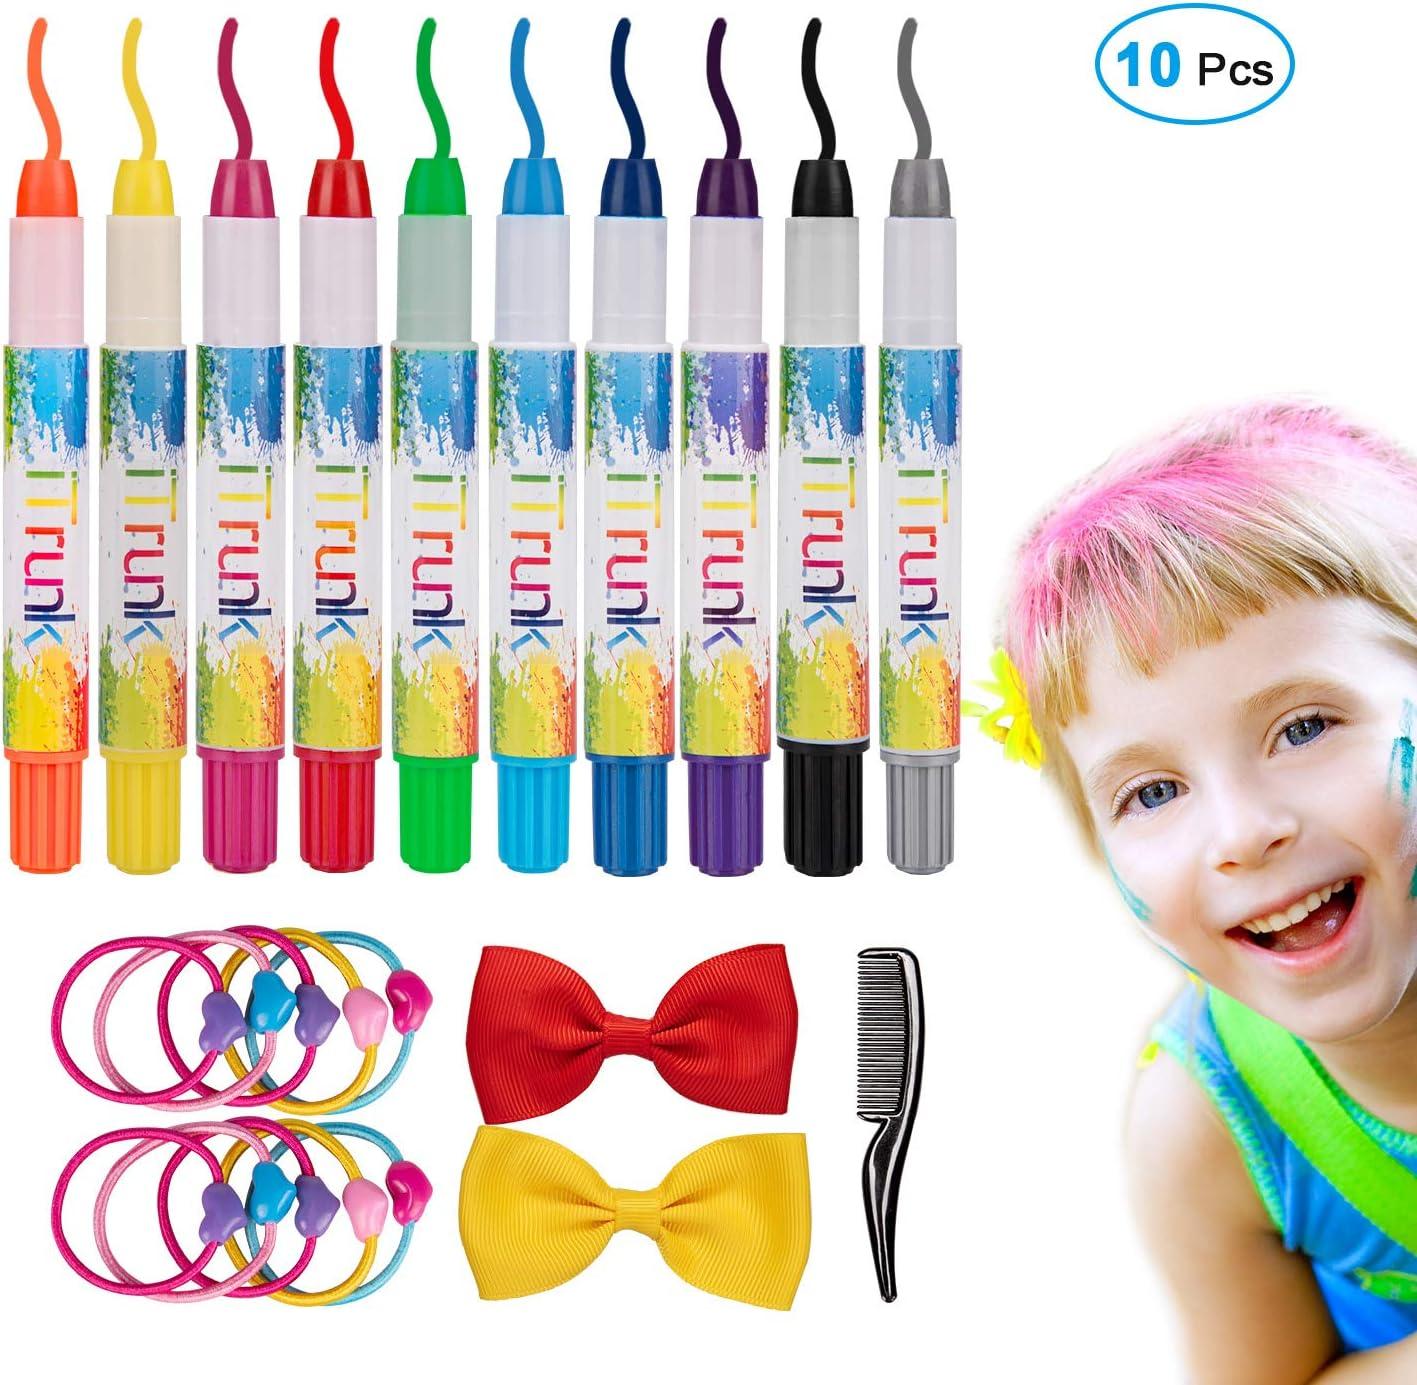 Tiza para el cabello, 10 Plumas de tiza para el cabello no tóxicas coloridas y kit de pintura para la cara, color de cabello temporal Regalos de cumpleaños perfectos para niñas con tiza 4 a 11 años